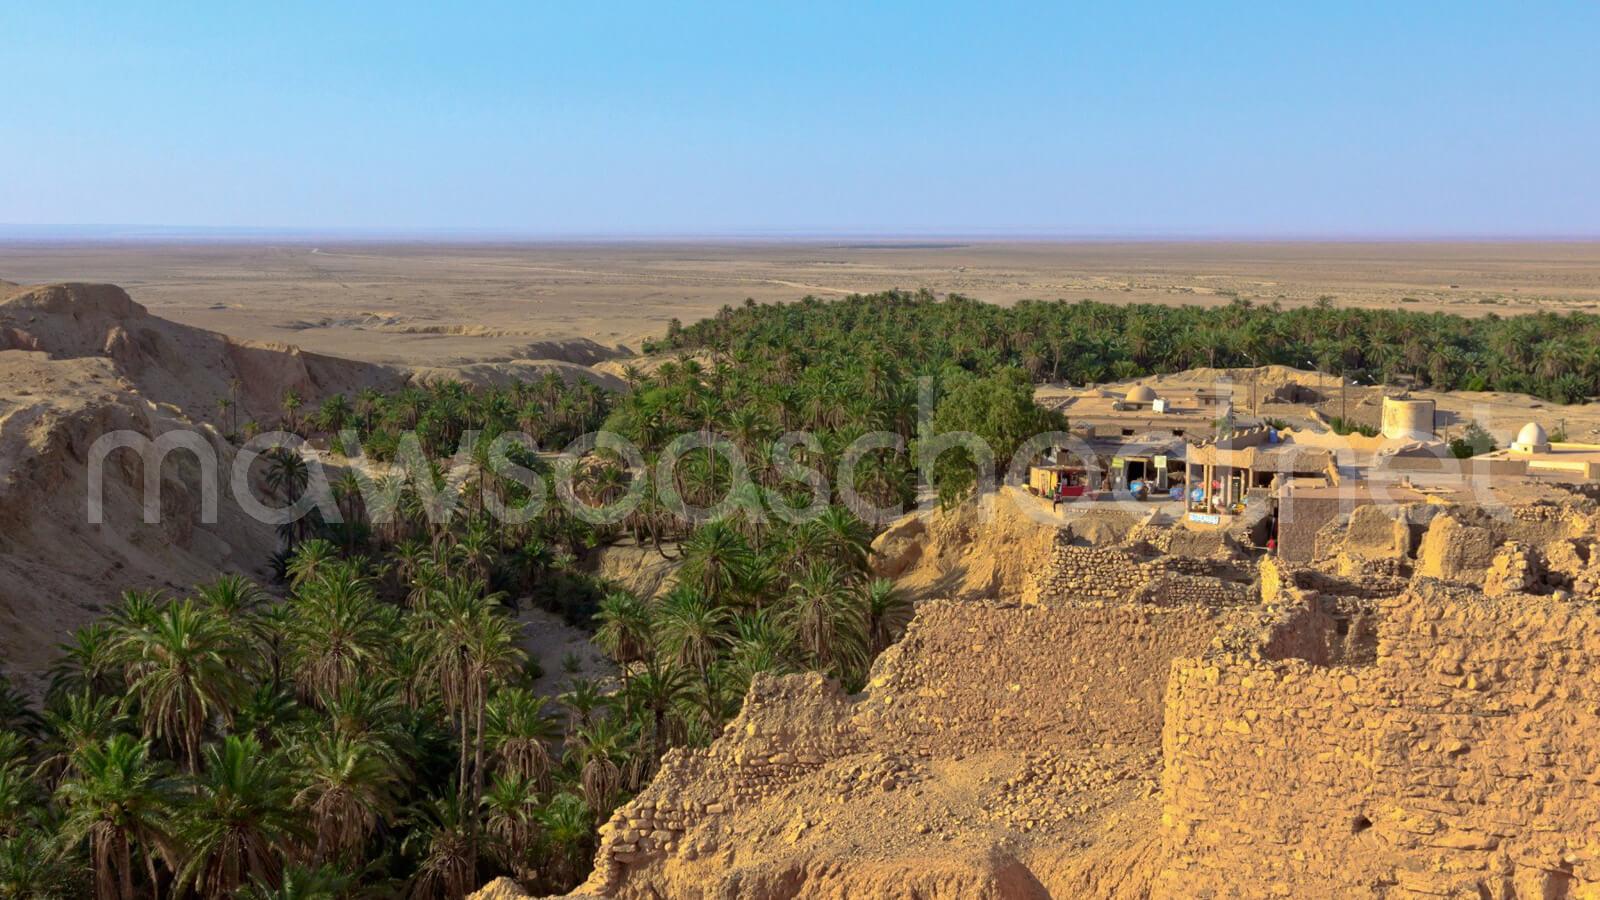 الوسط الطبيعي: المزايا والضغوطات - البلاد التونسية – جغرافيا – ثالثة آداب واقتصاد وتصرف